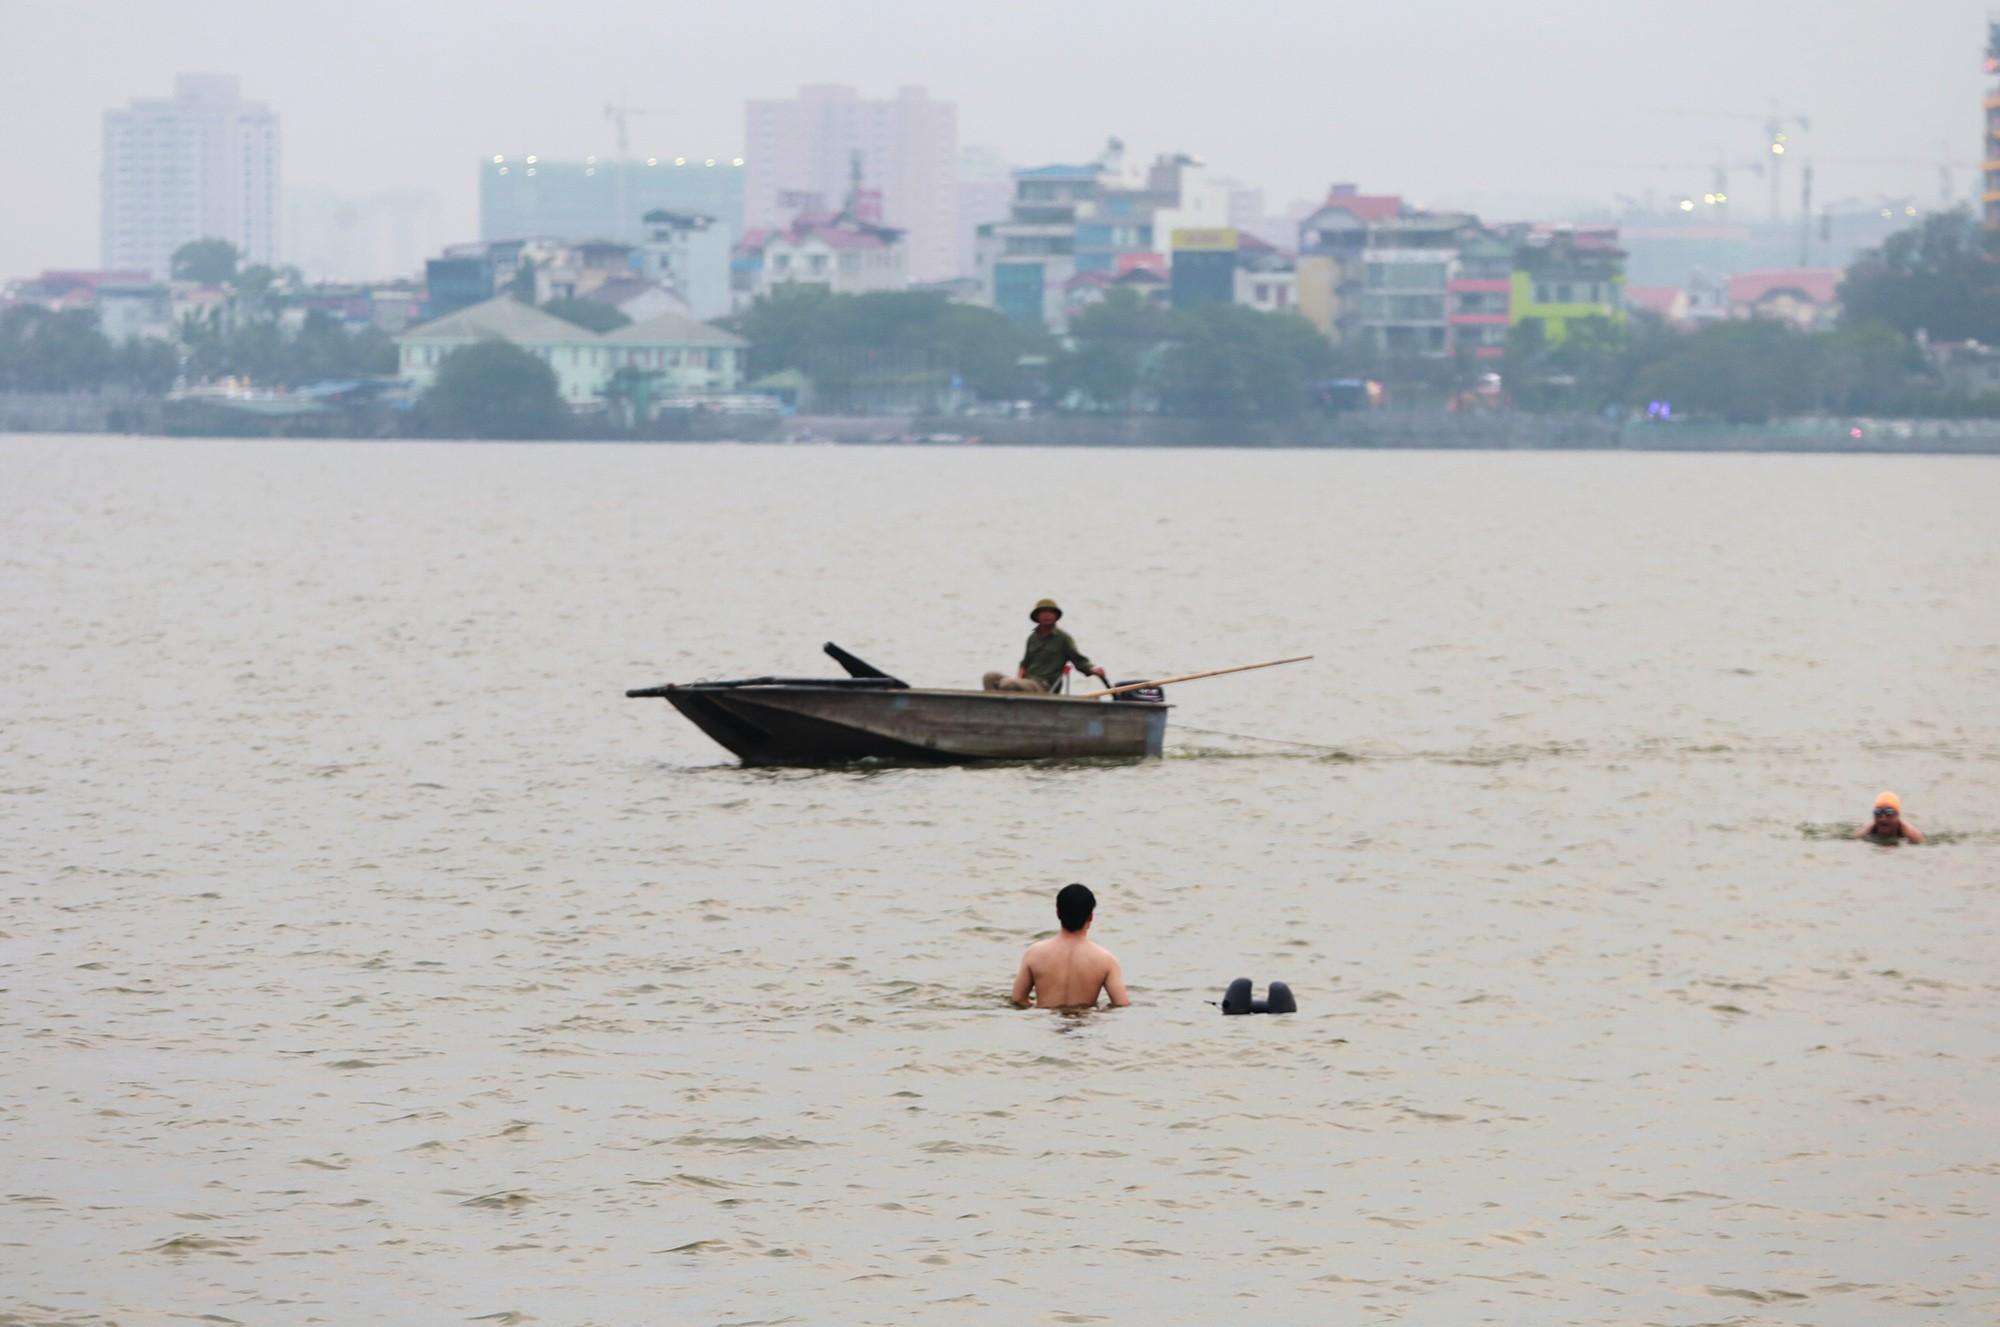 Hà Nội: Người lớn, trẻ nhỏ dắt nhau ra hồ Tây giải nhiệt ngày nắng nóng - Ảnh 4.